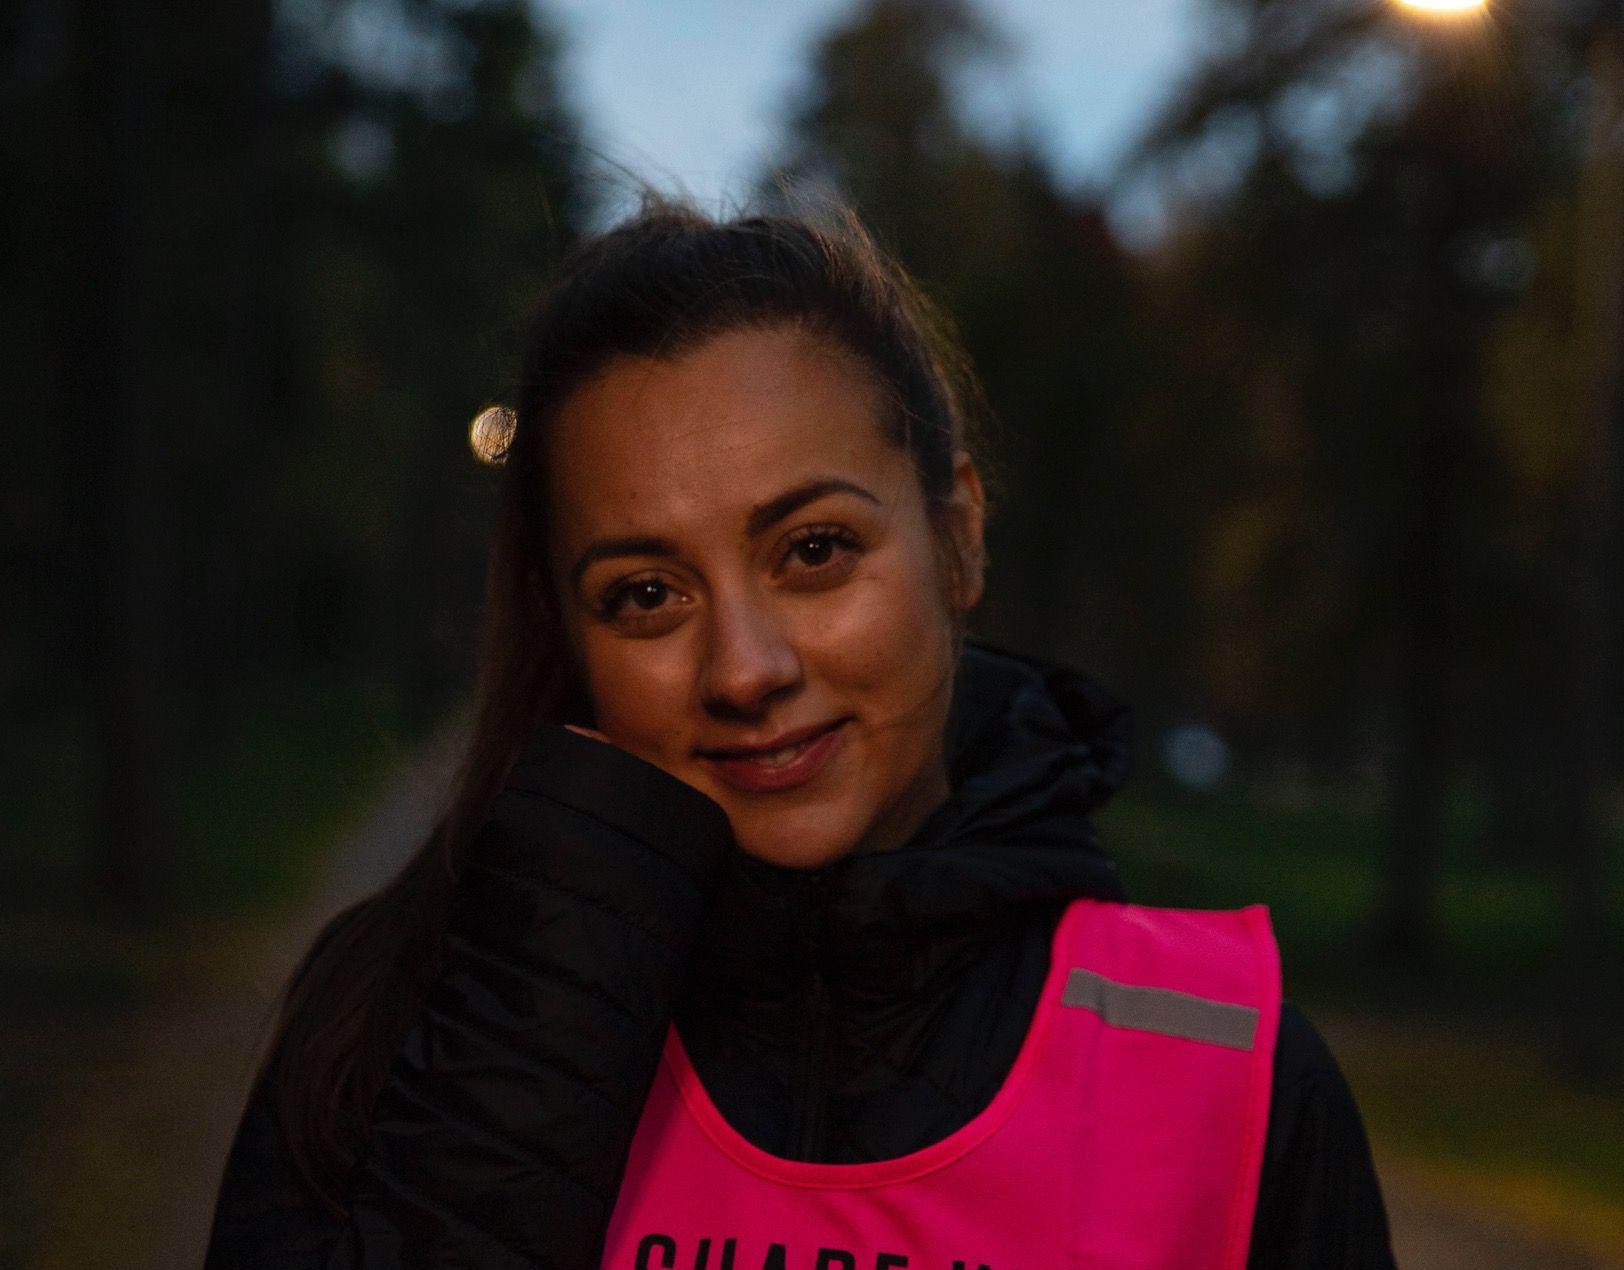 REDD I MØRKET: – Det er så kjipt at jeg ikke klarer å nyte treningsøkta utendørs etter at det har blitt mørkt. Jeg som elsker å trene ute i frisk luft kryper kjapt inn på treningssenteret med det samme mørket melder sin ankomst, skriver Hanna Sundquist.